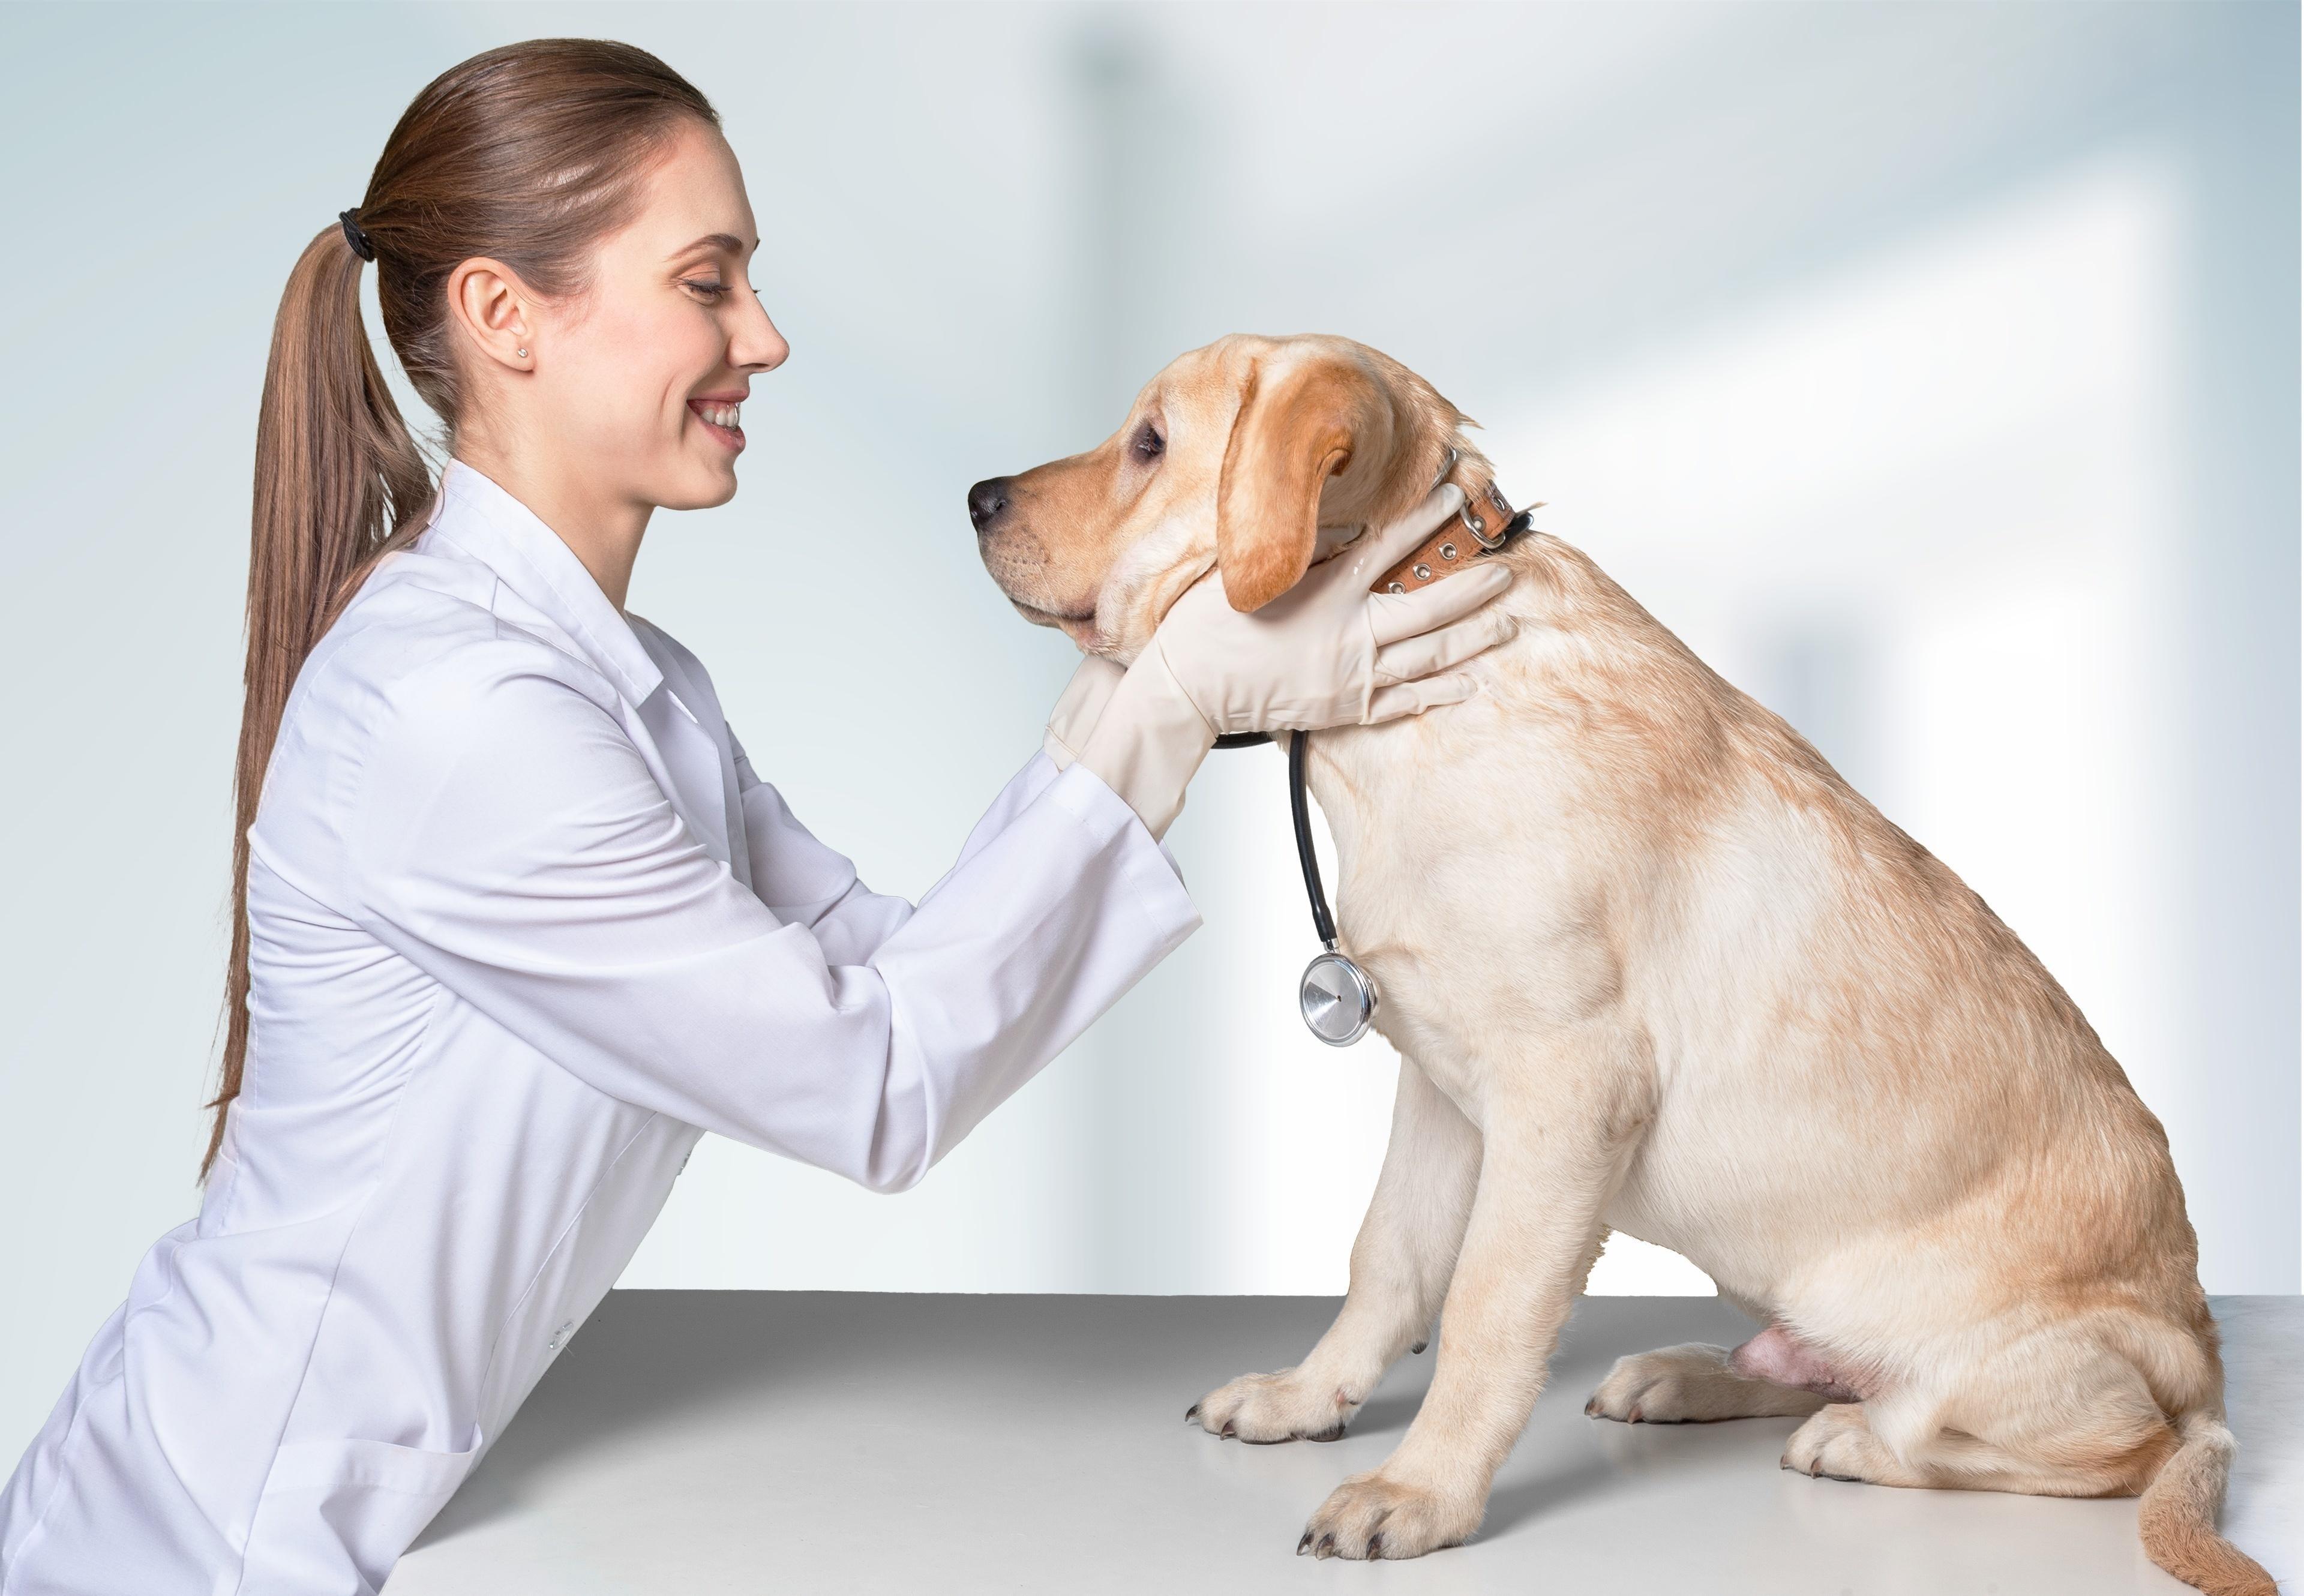 Dog at vet